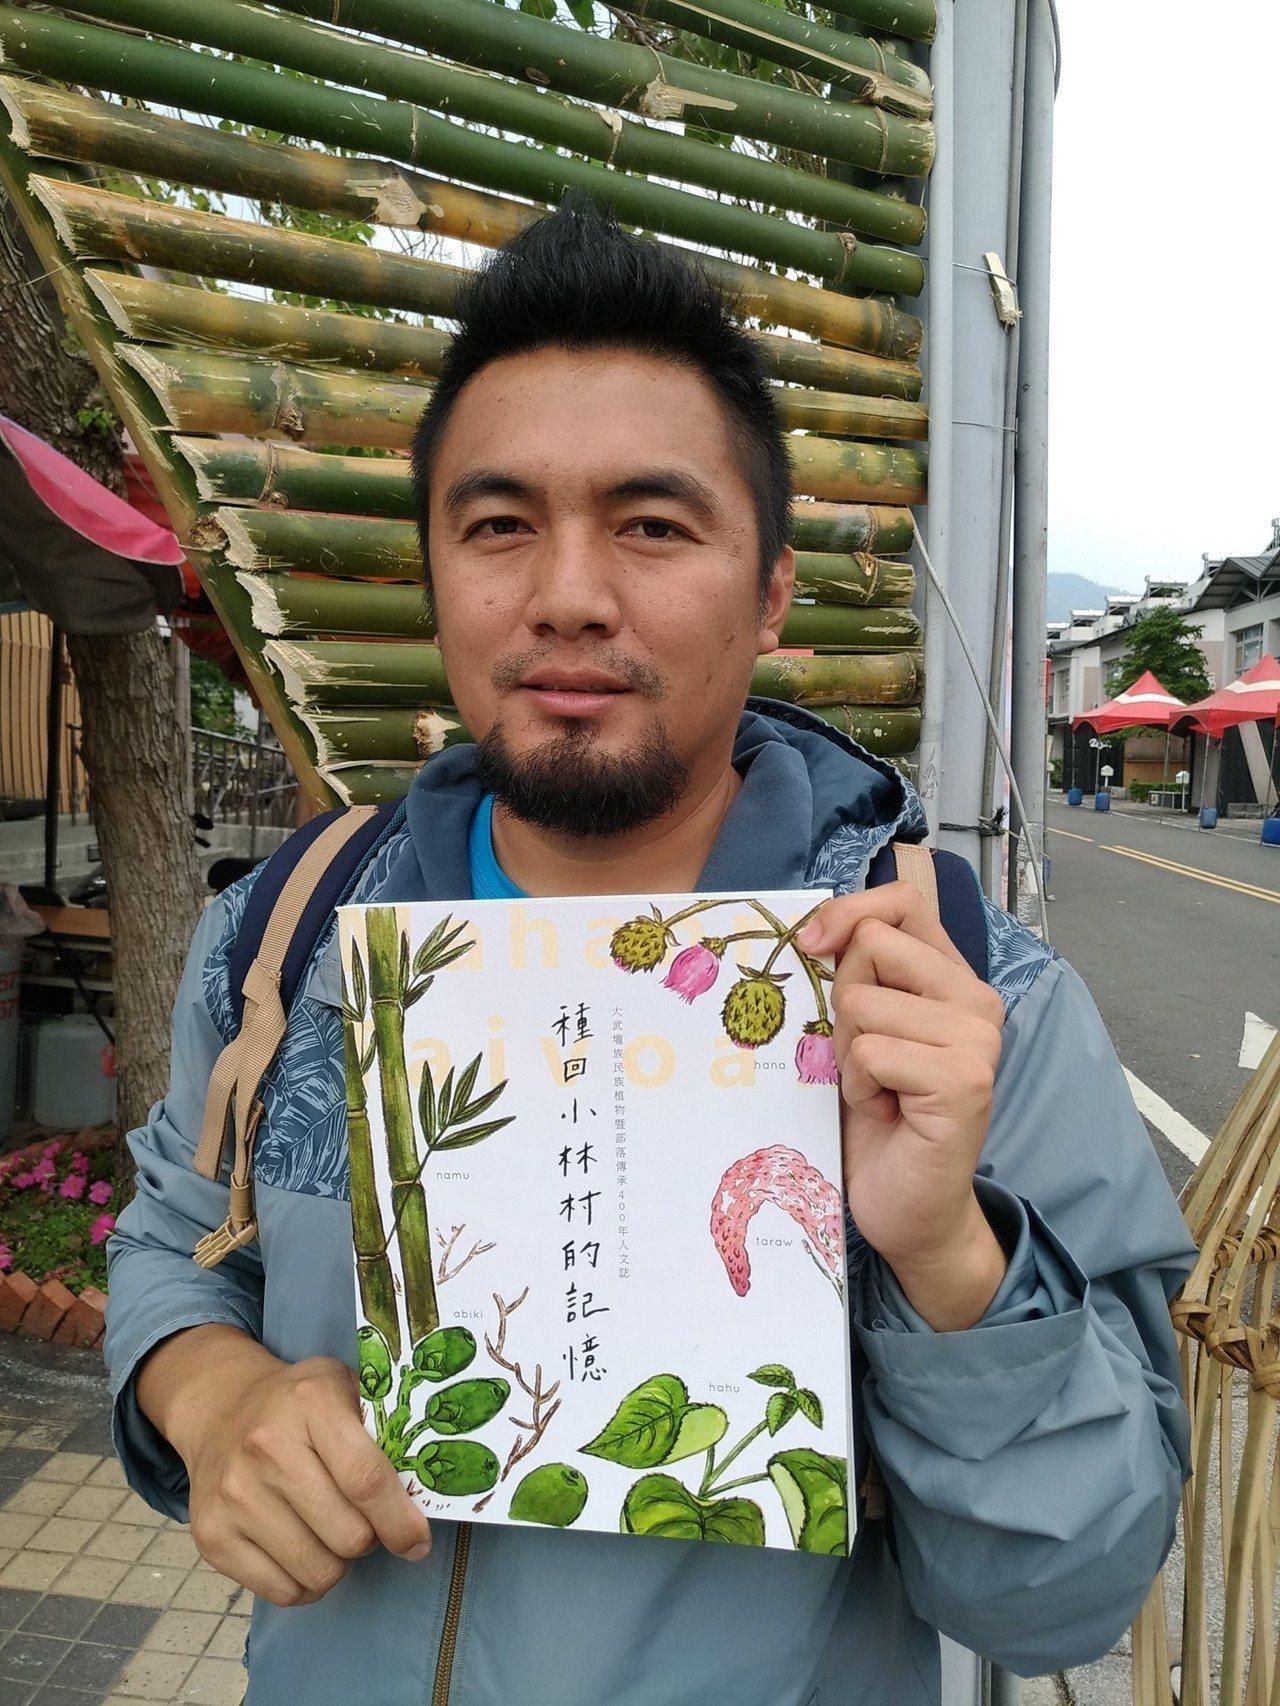 莫拉克災後,徐銘駿返回小林家鄉一起奮鬥,他花了三年多時間,催生出「種回小林村的記...